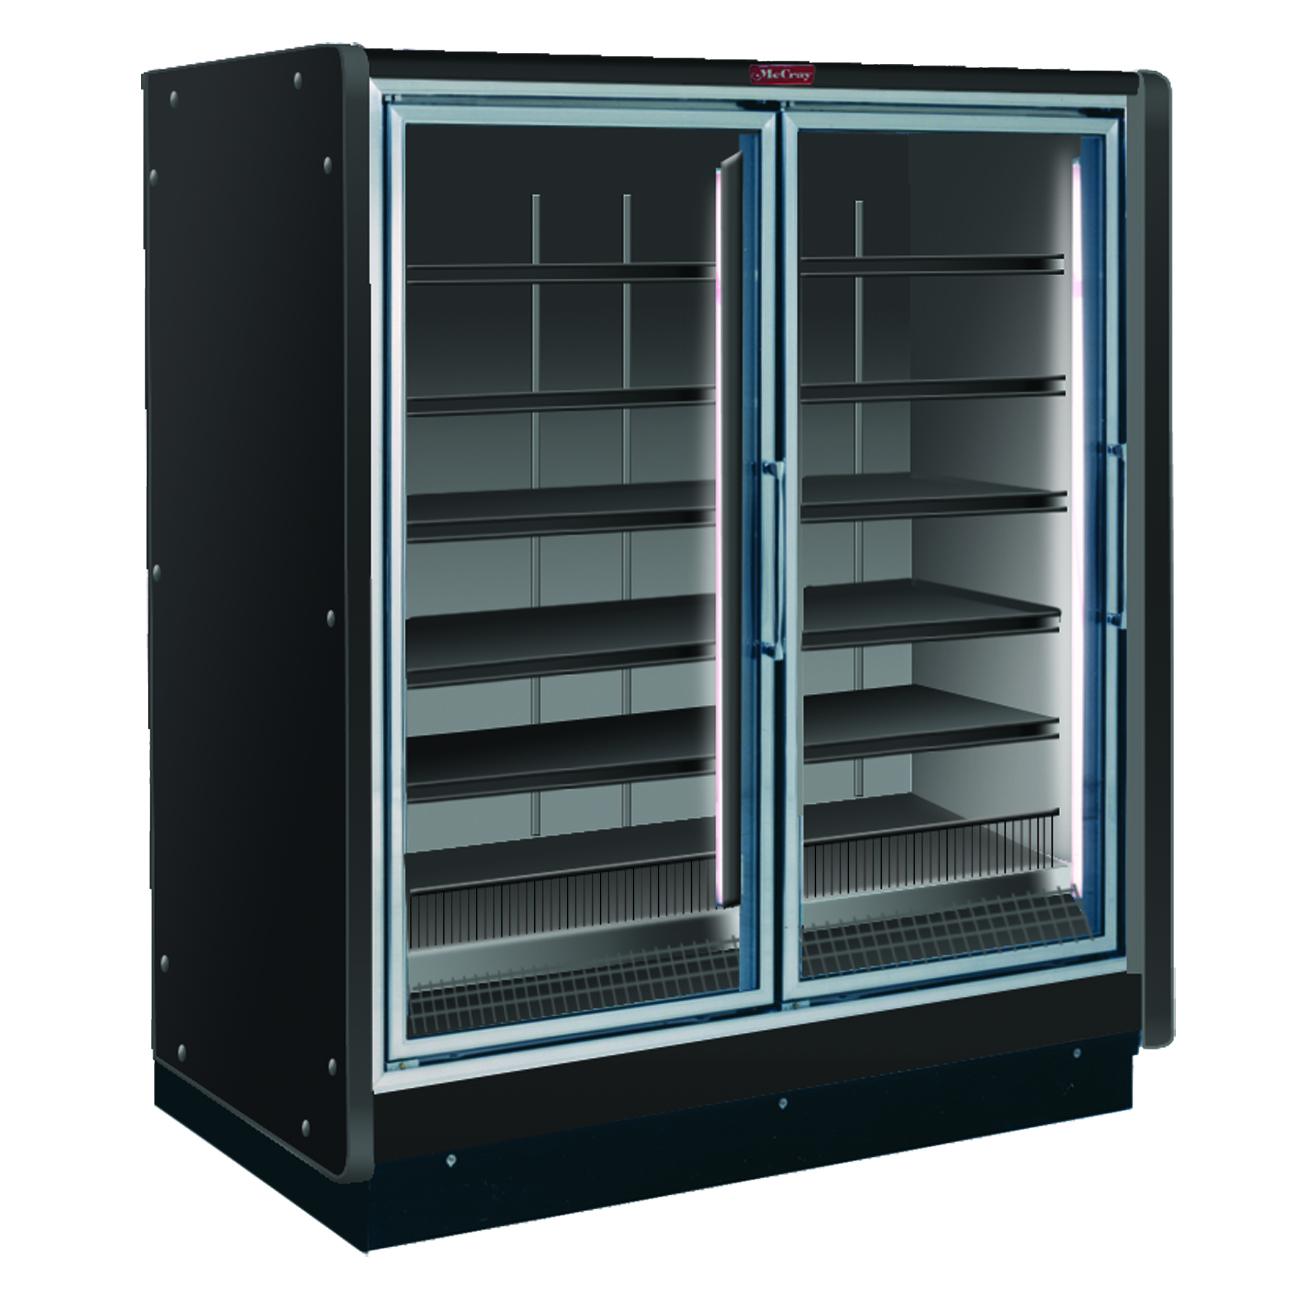 Howard-McCray RIF2-30-LED-B freezer, merchandiser